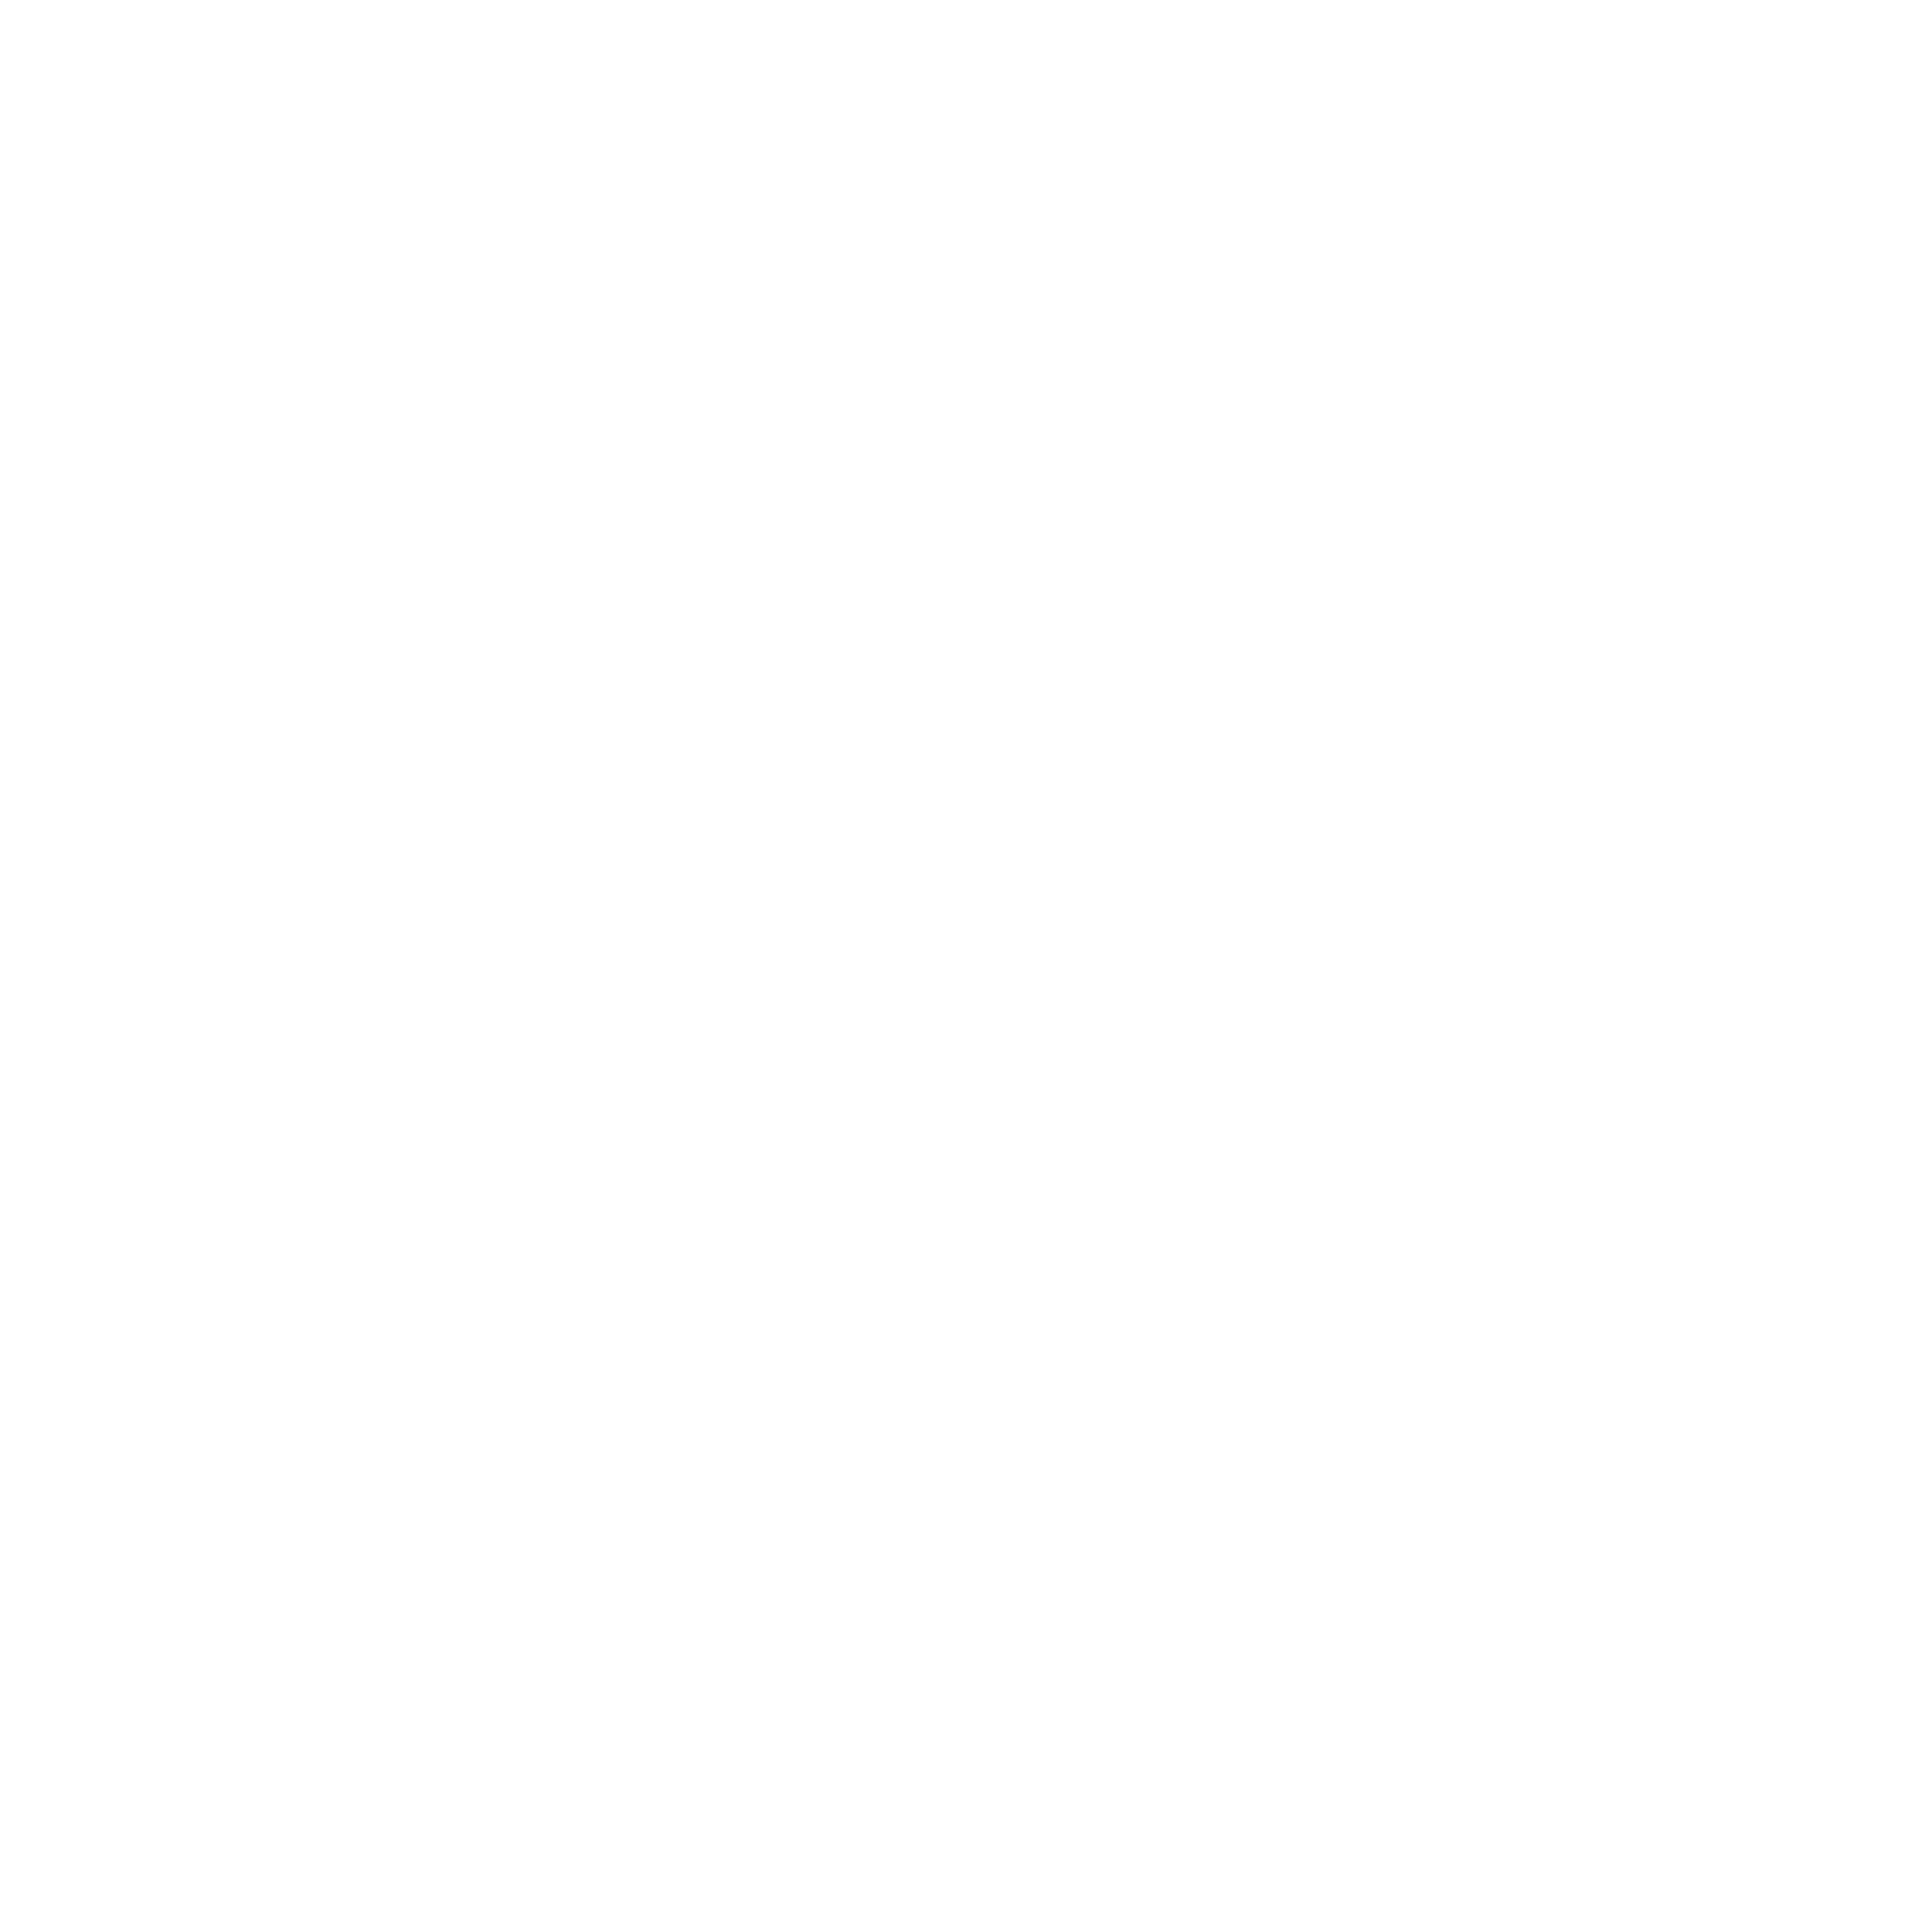 Napier Films logo